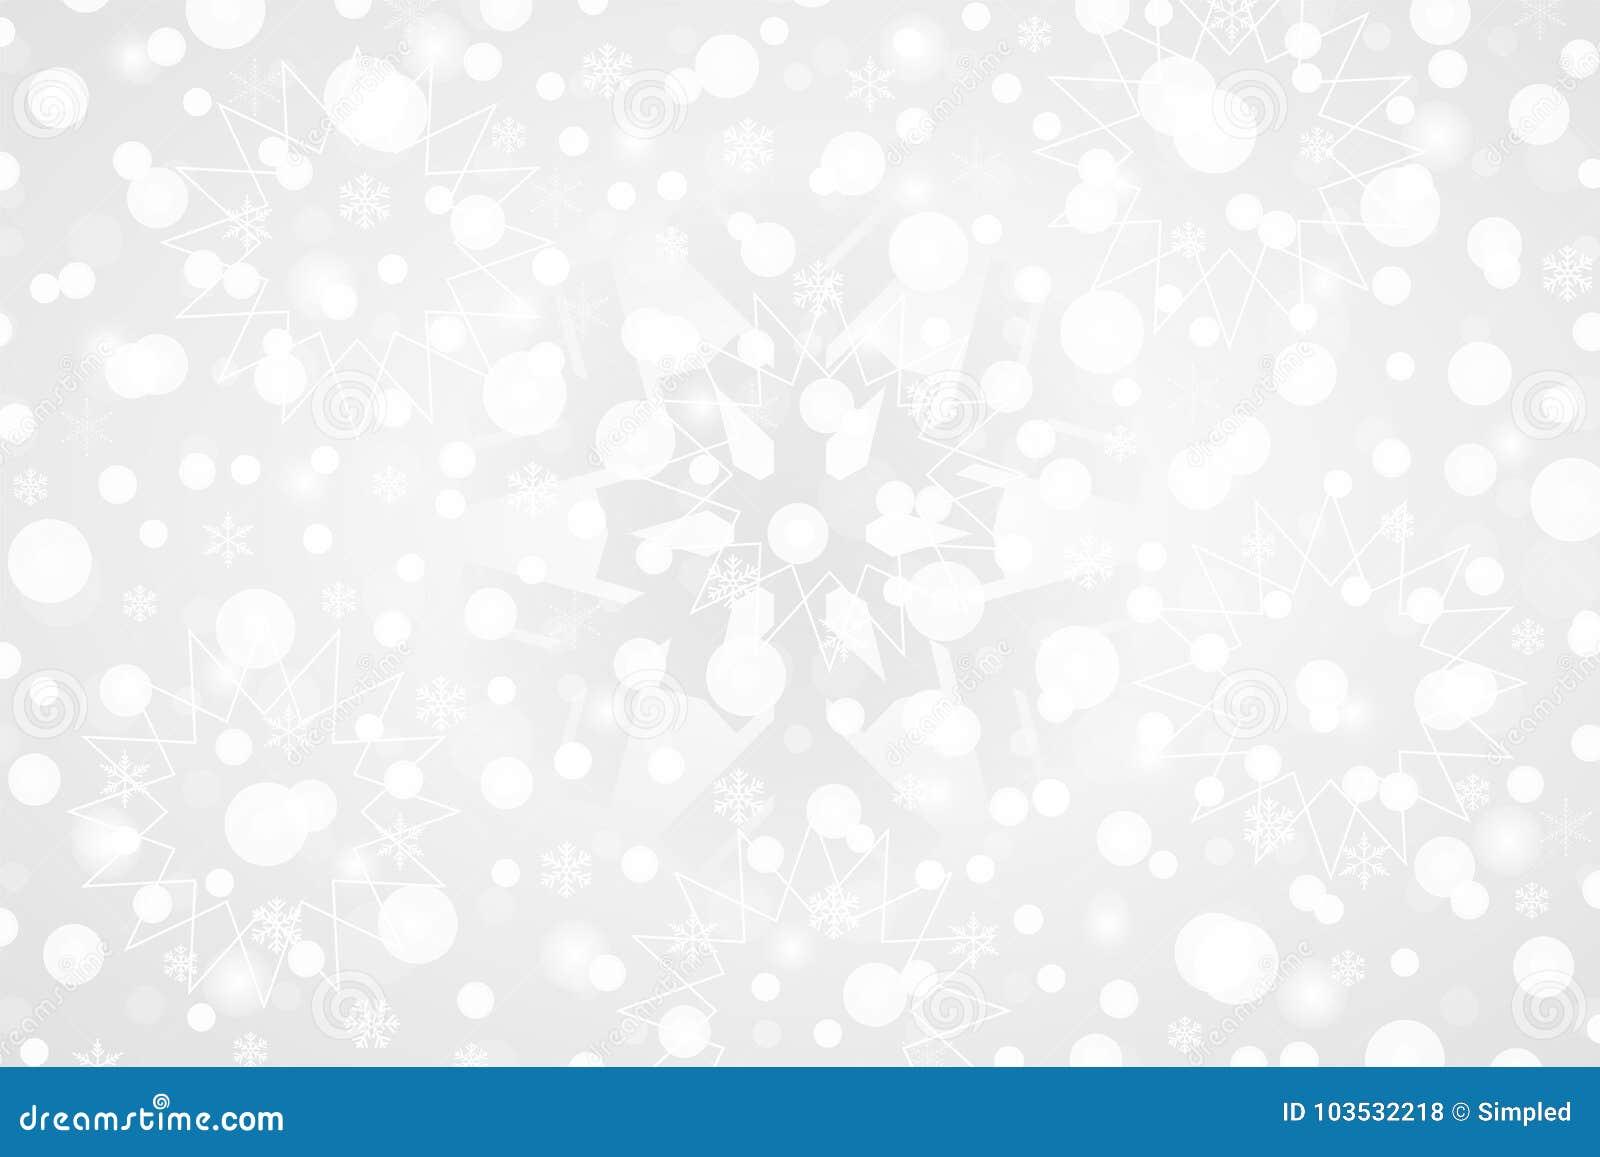 Vrolijke Kerstmis & Gelukkige Nieuwjaar abstracte vectorillustratie Decoratieve grijze witte gradiëntachtergrond met sneeuwvlokke